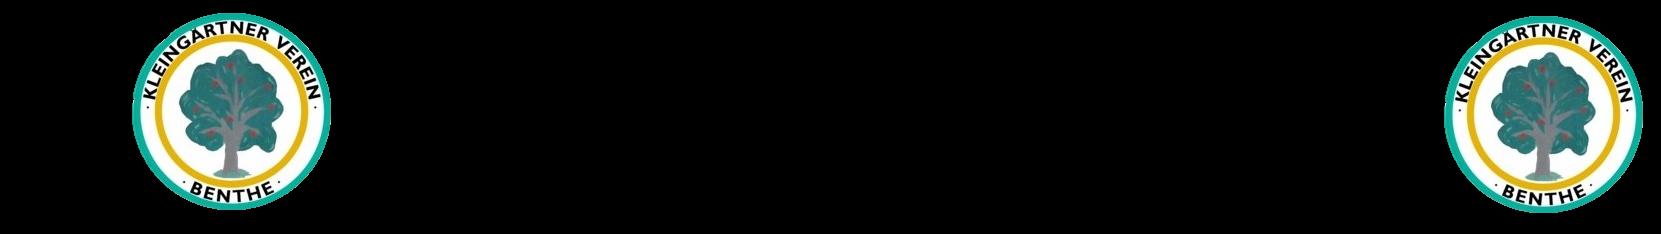 Kleingärtnerverein Benthe e. V.